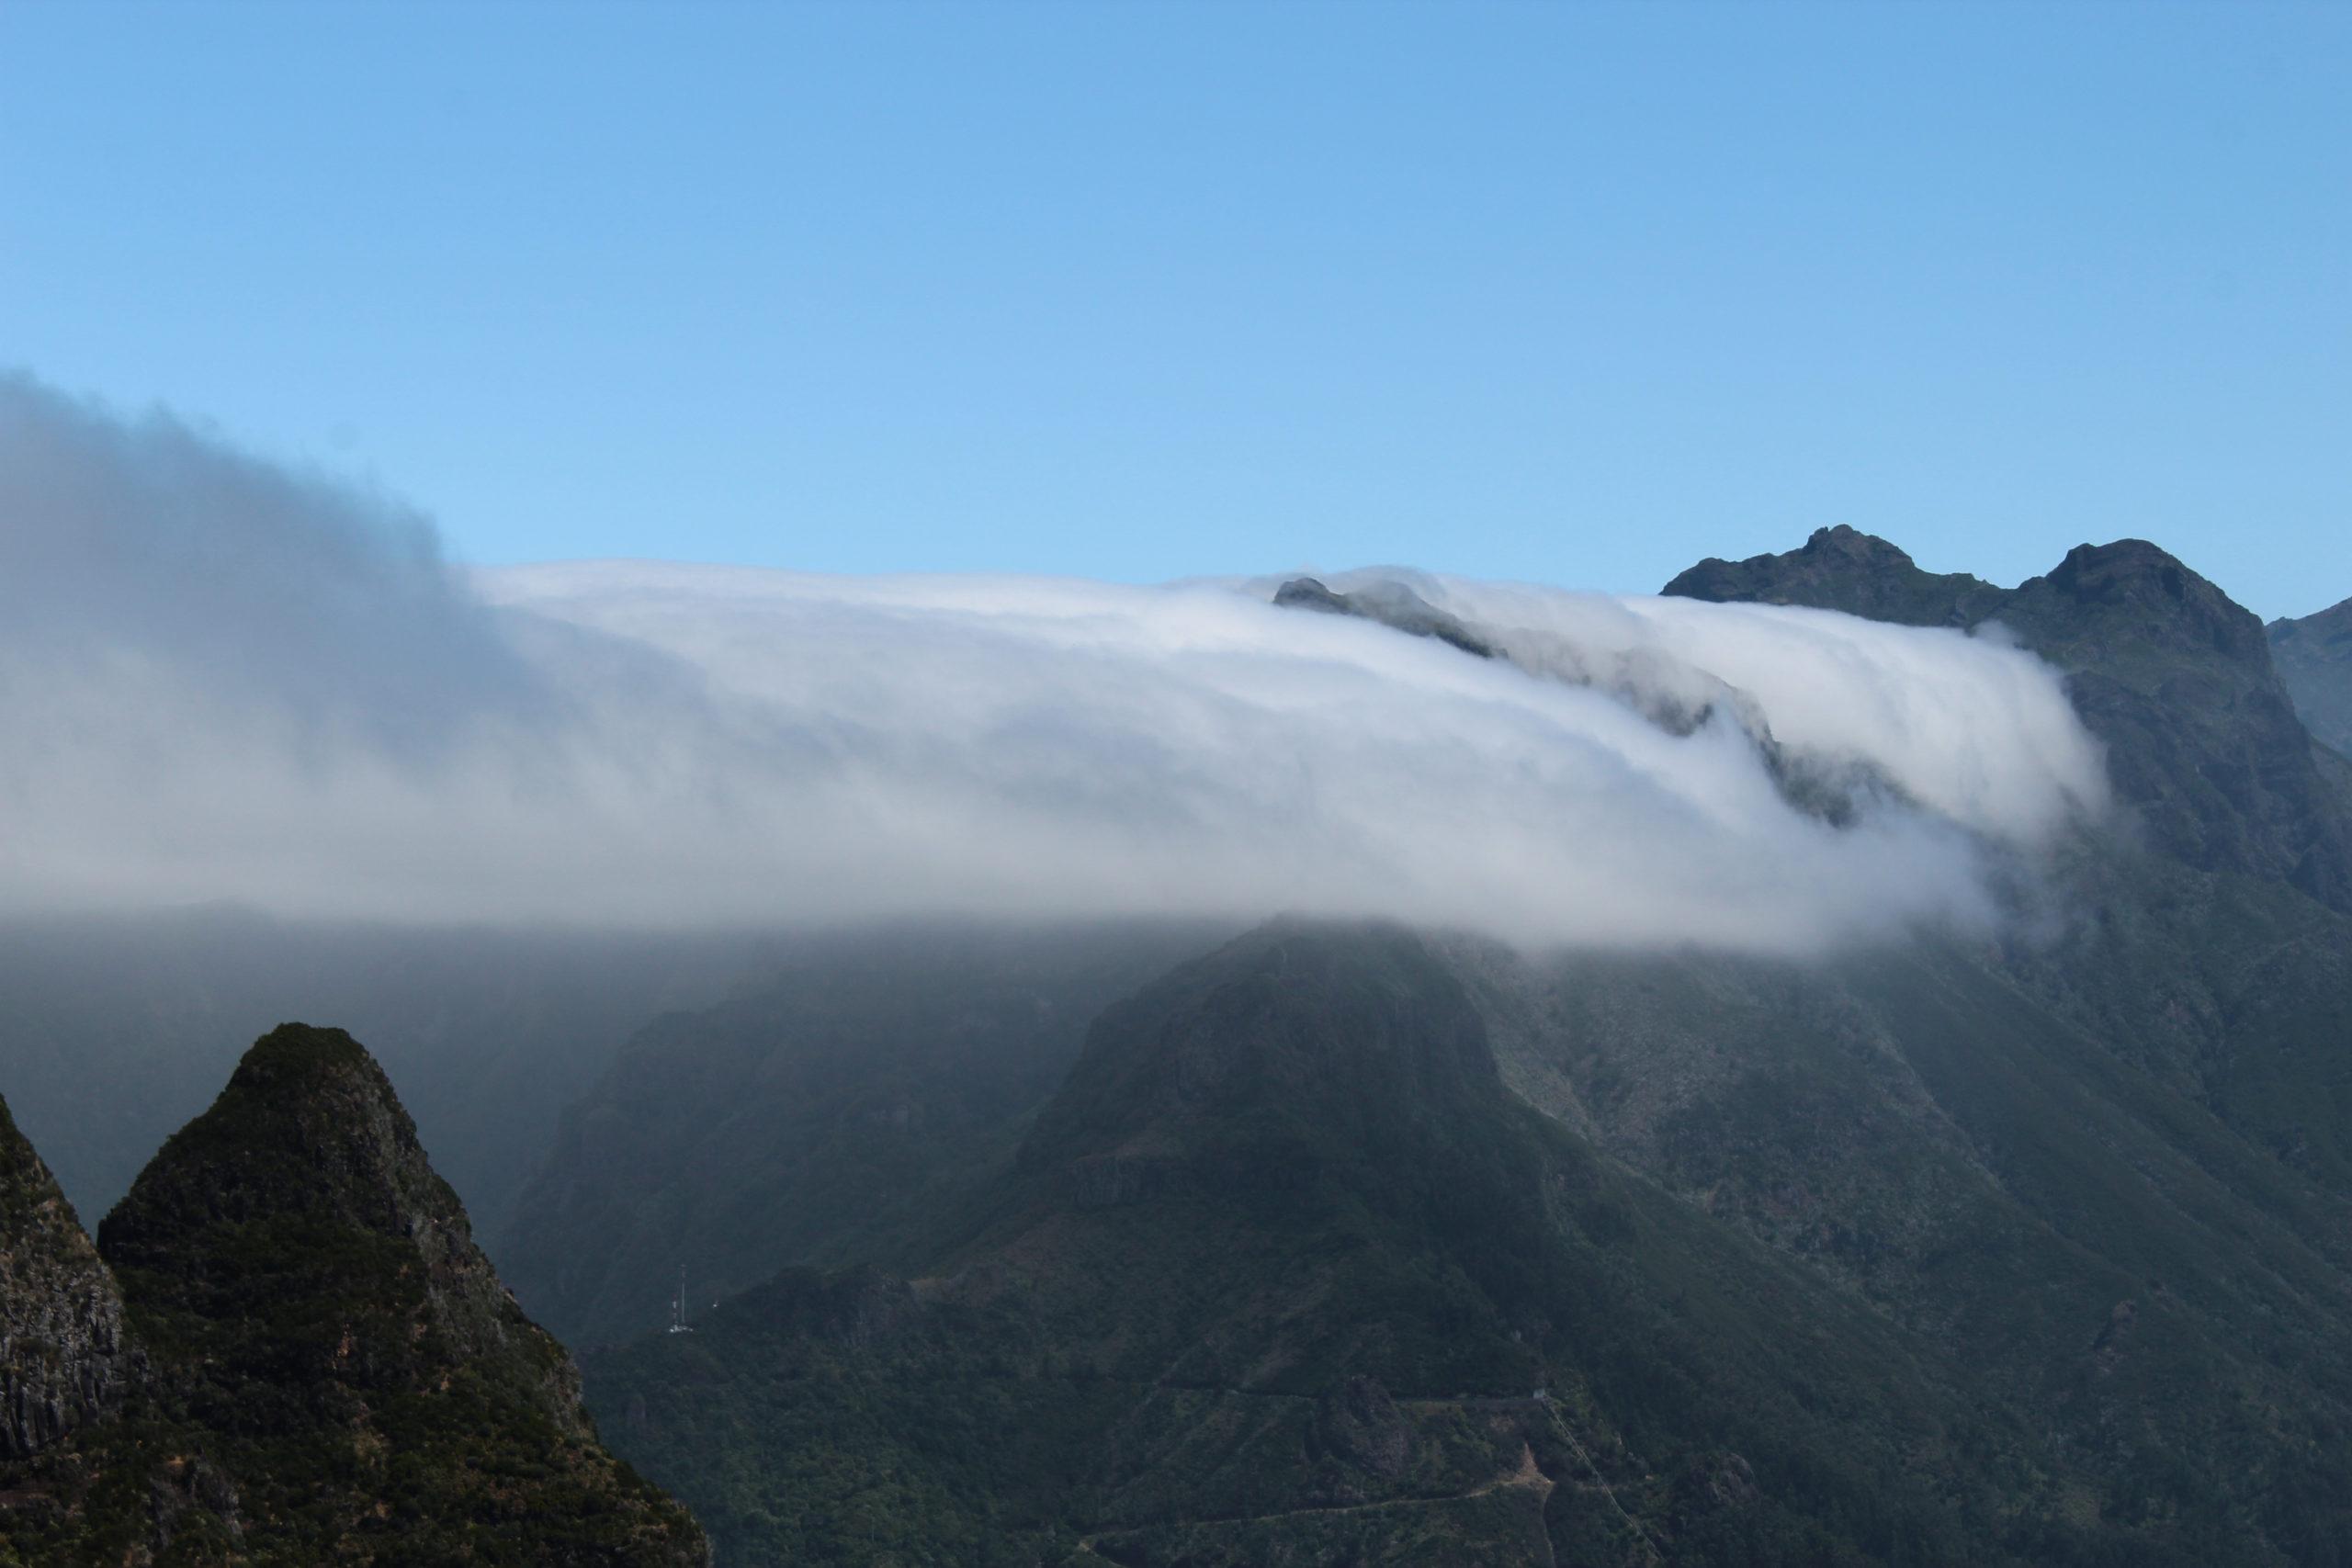 madera szczyty górskie w chmurach